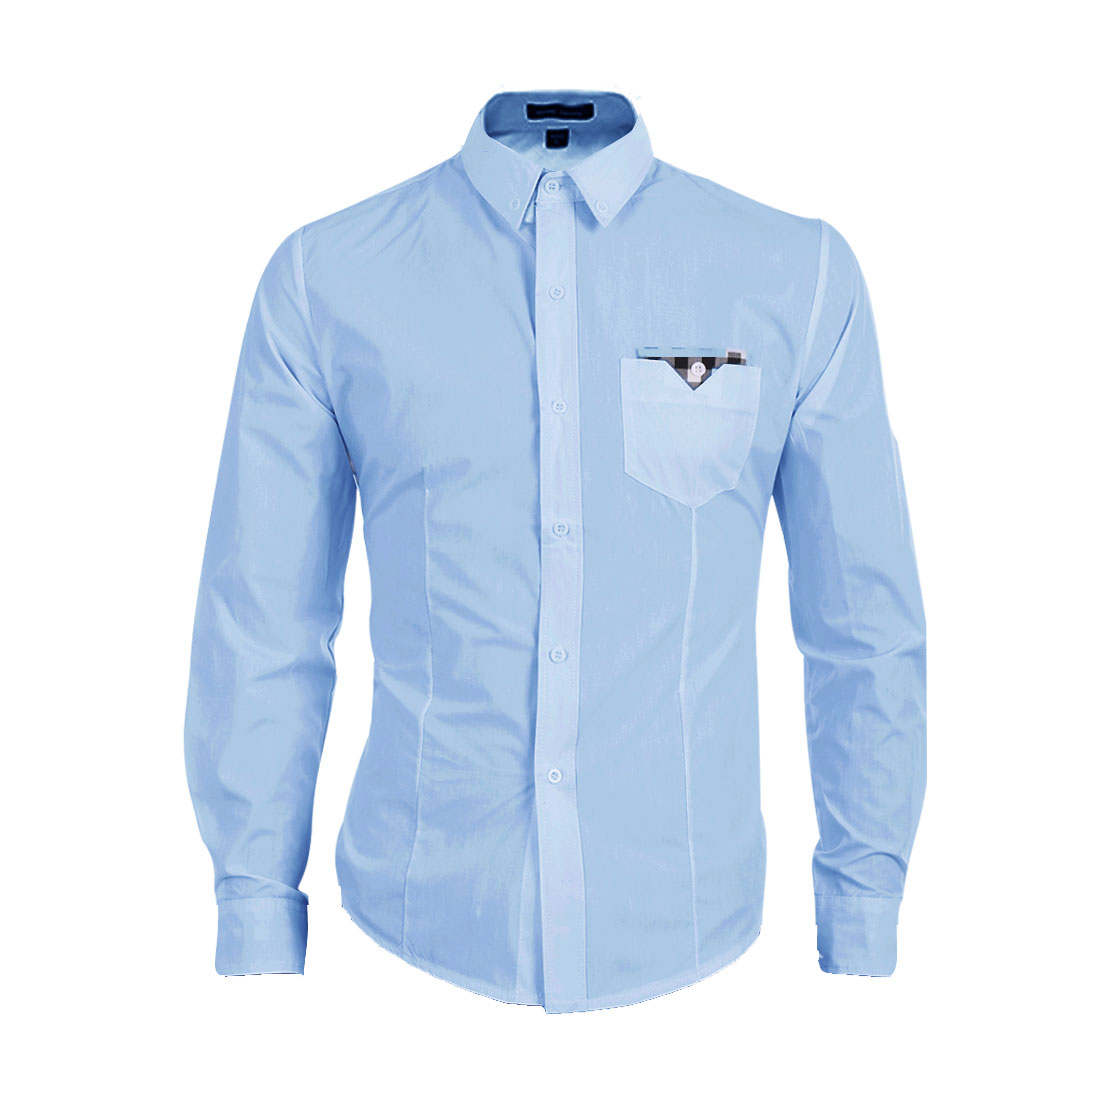 Men Button Front Long Sleeve Chest Pocket Shirt Light Blue M